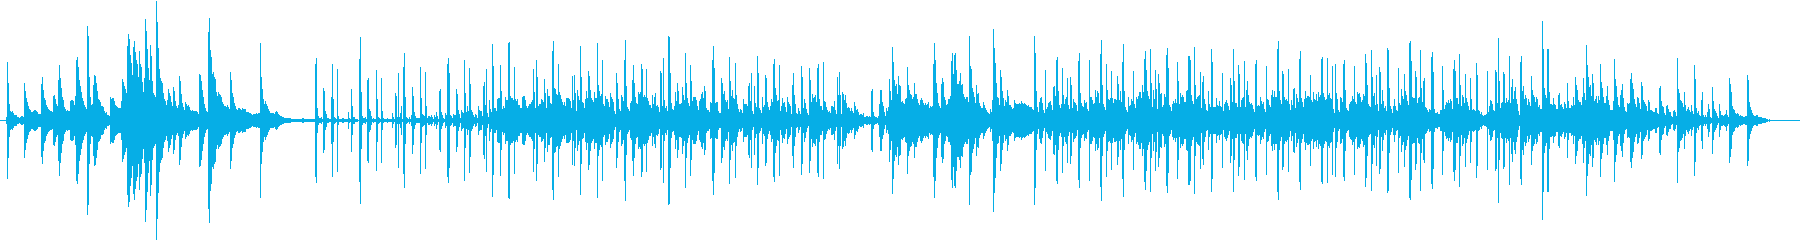 幻想的、ピアノとチェロBGM(ループ)の再生済みの波形